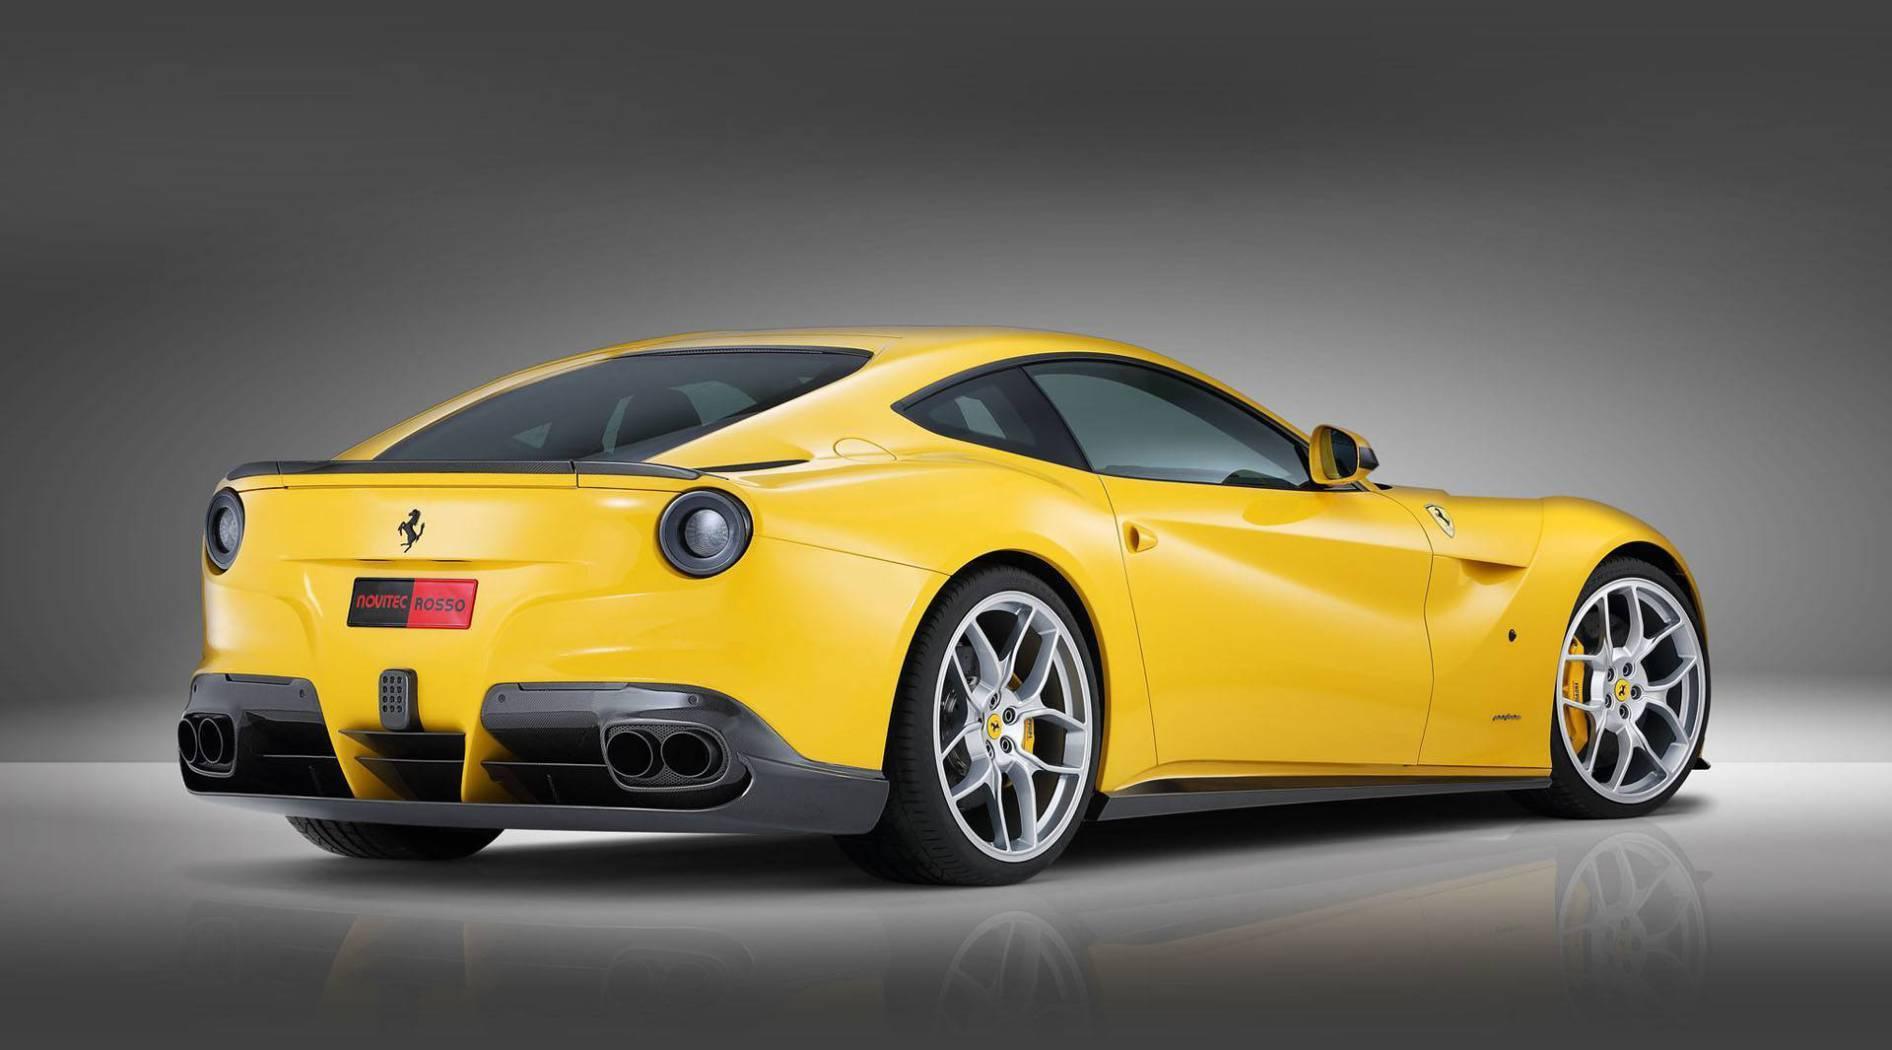 Карбоновый спойлер на багажник Novitec Style для Ferrari F12 Вerlinetta